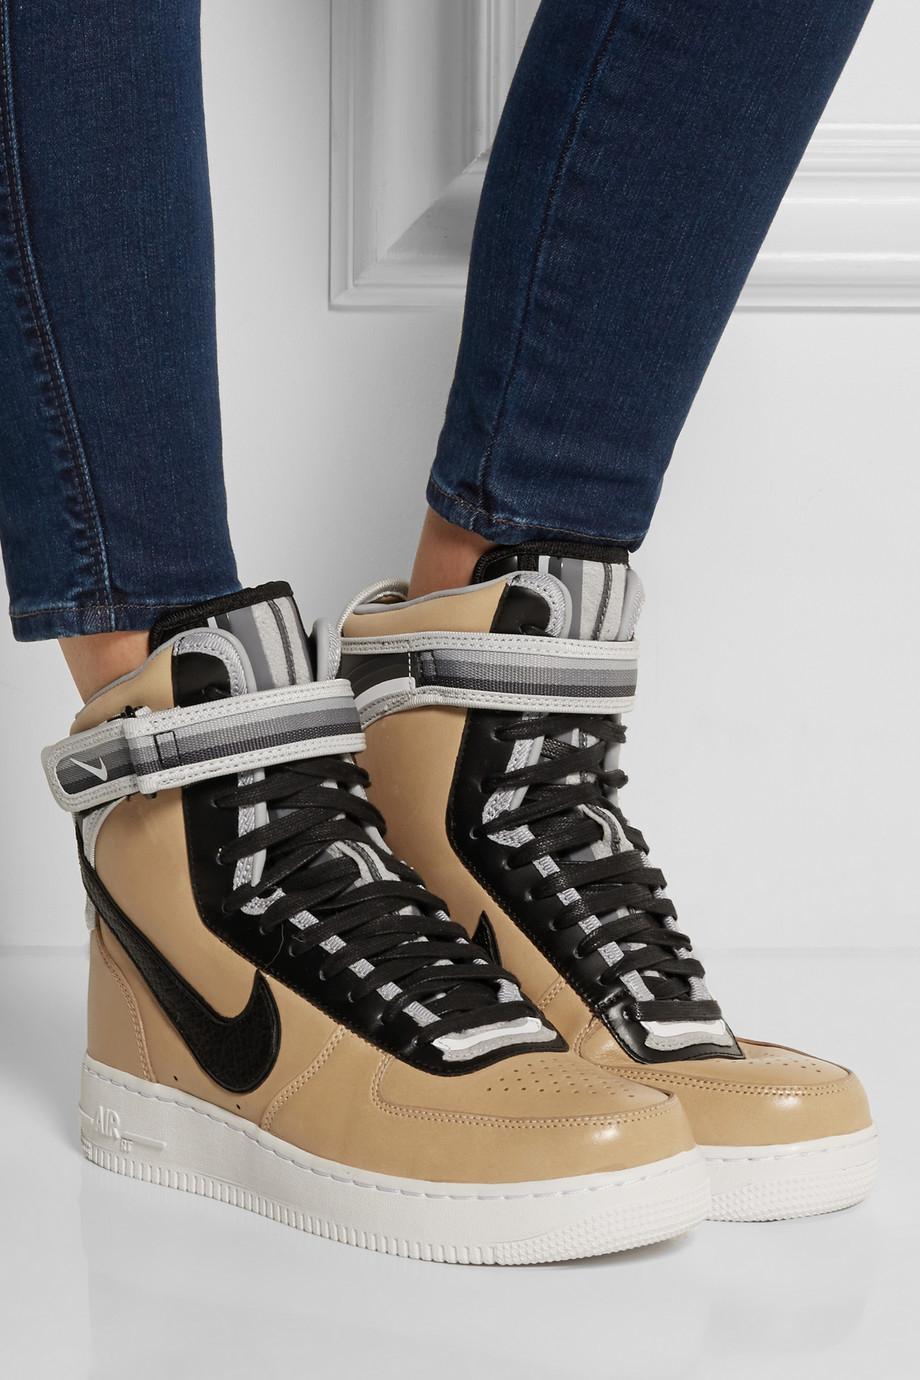 Women sneakers: riccardo tisci for